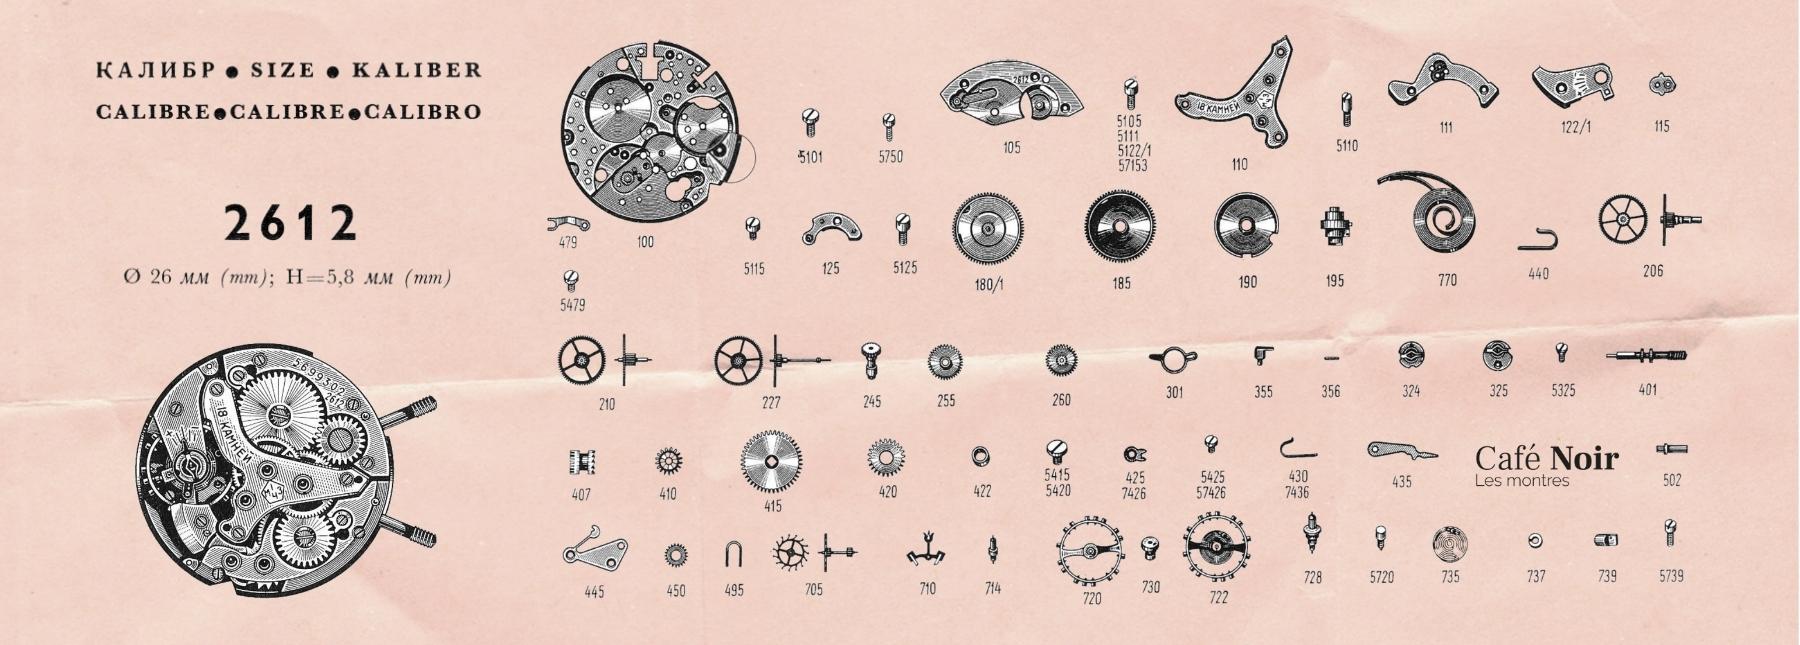 Mécanisme d'une Poljot Alarme, montre soviétique mécanique vintage histoire